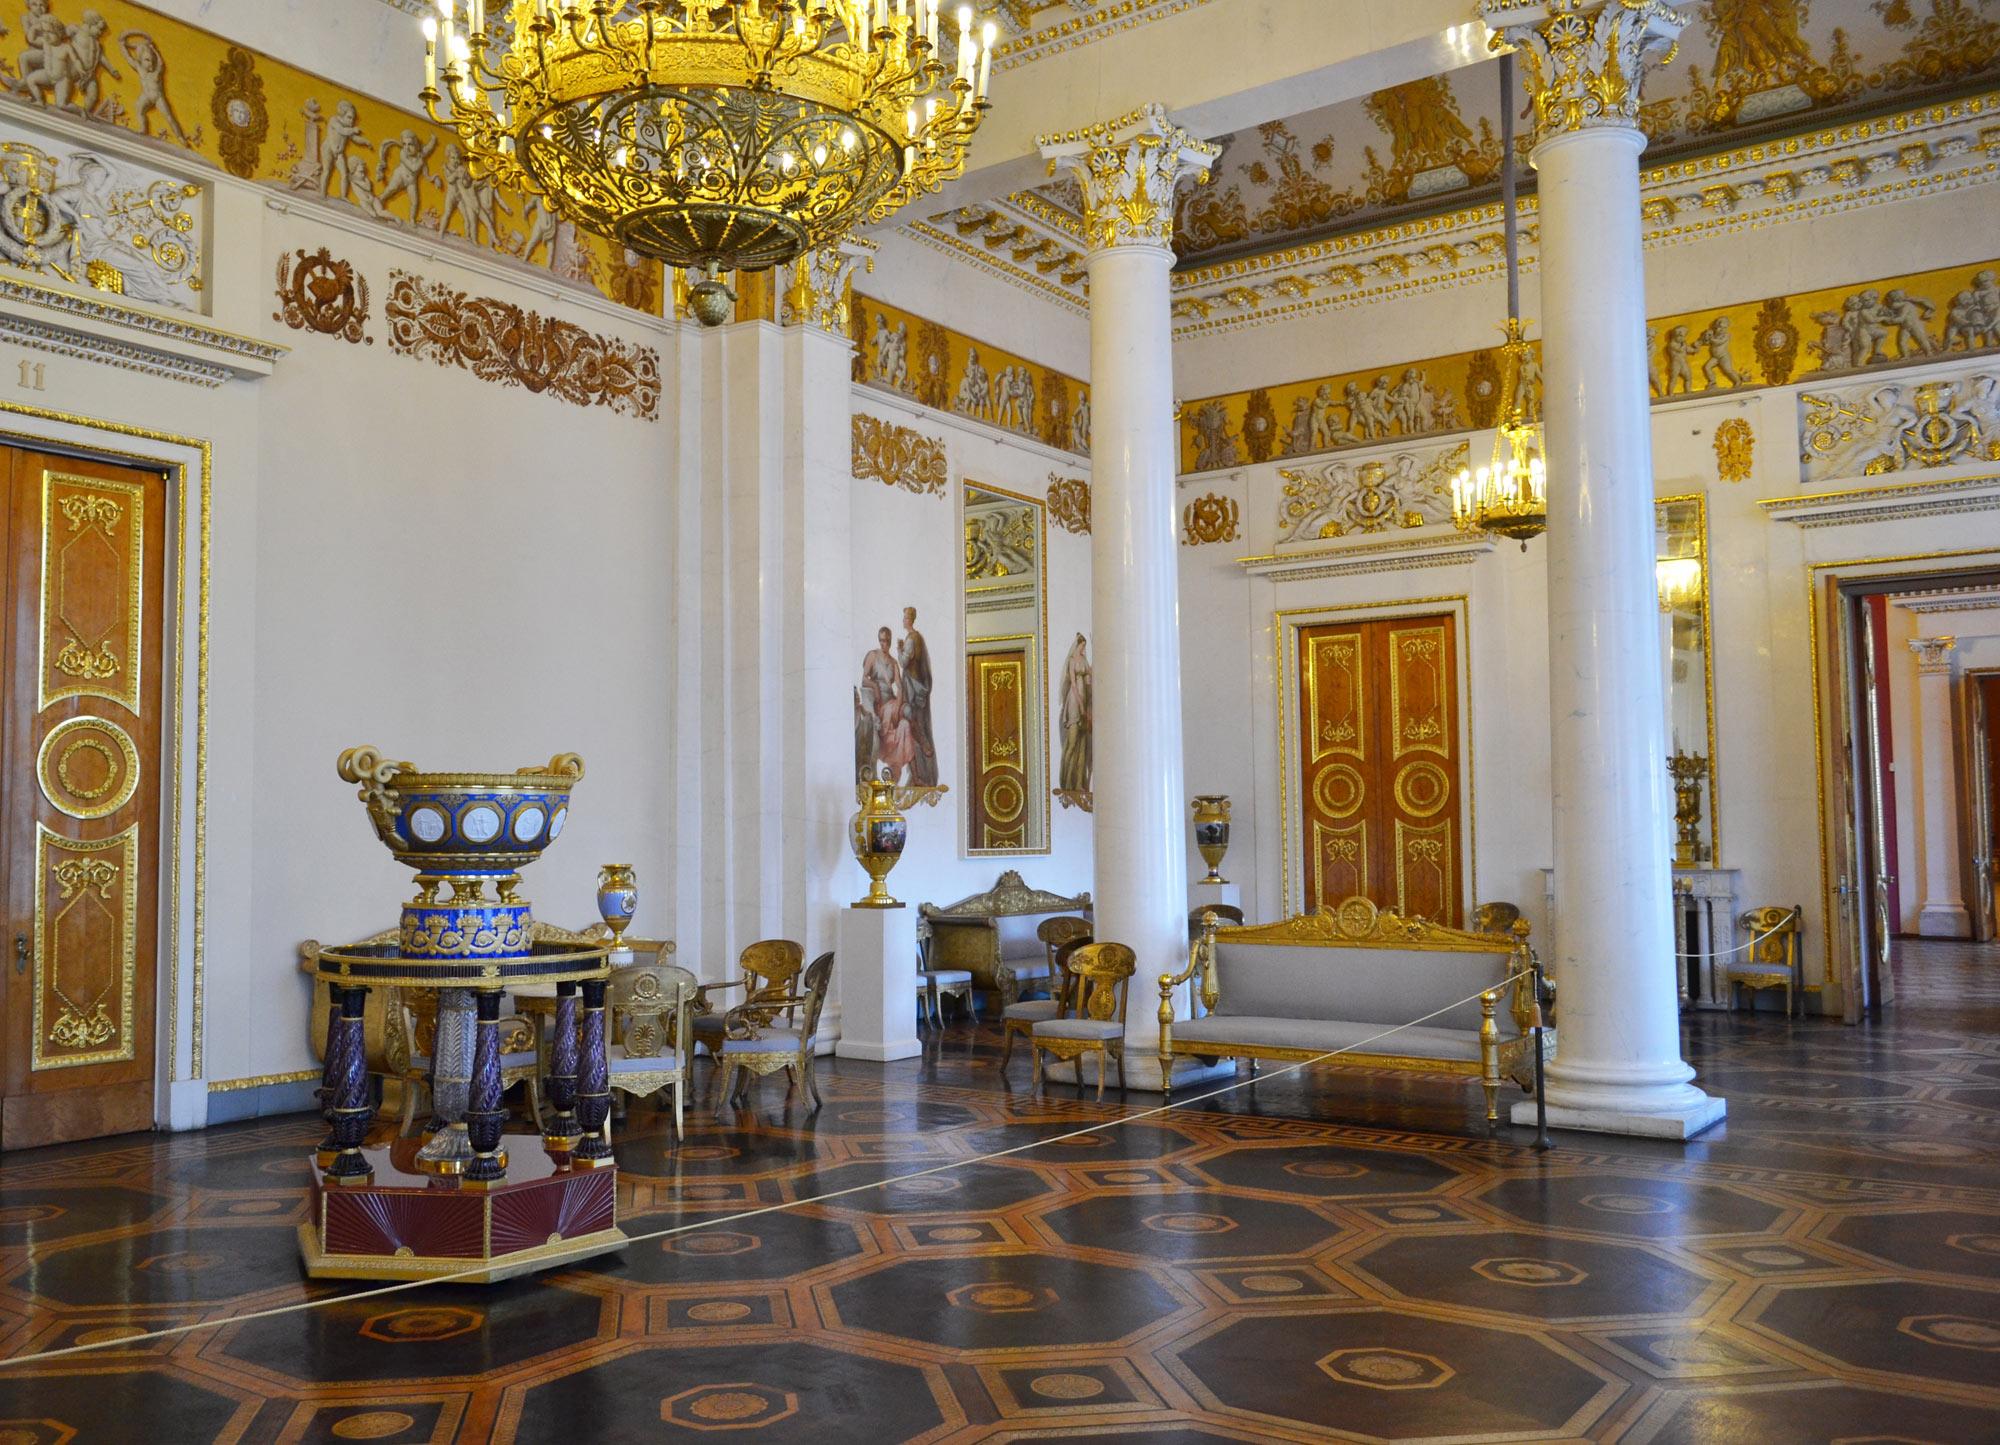 образом, время работы русского музея в санкт-петербурге месяц